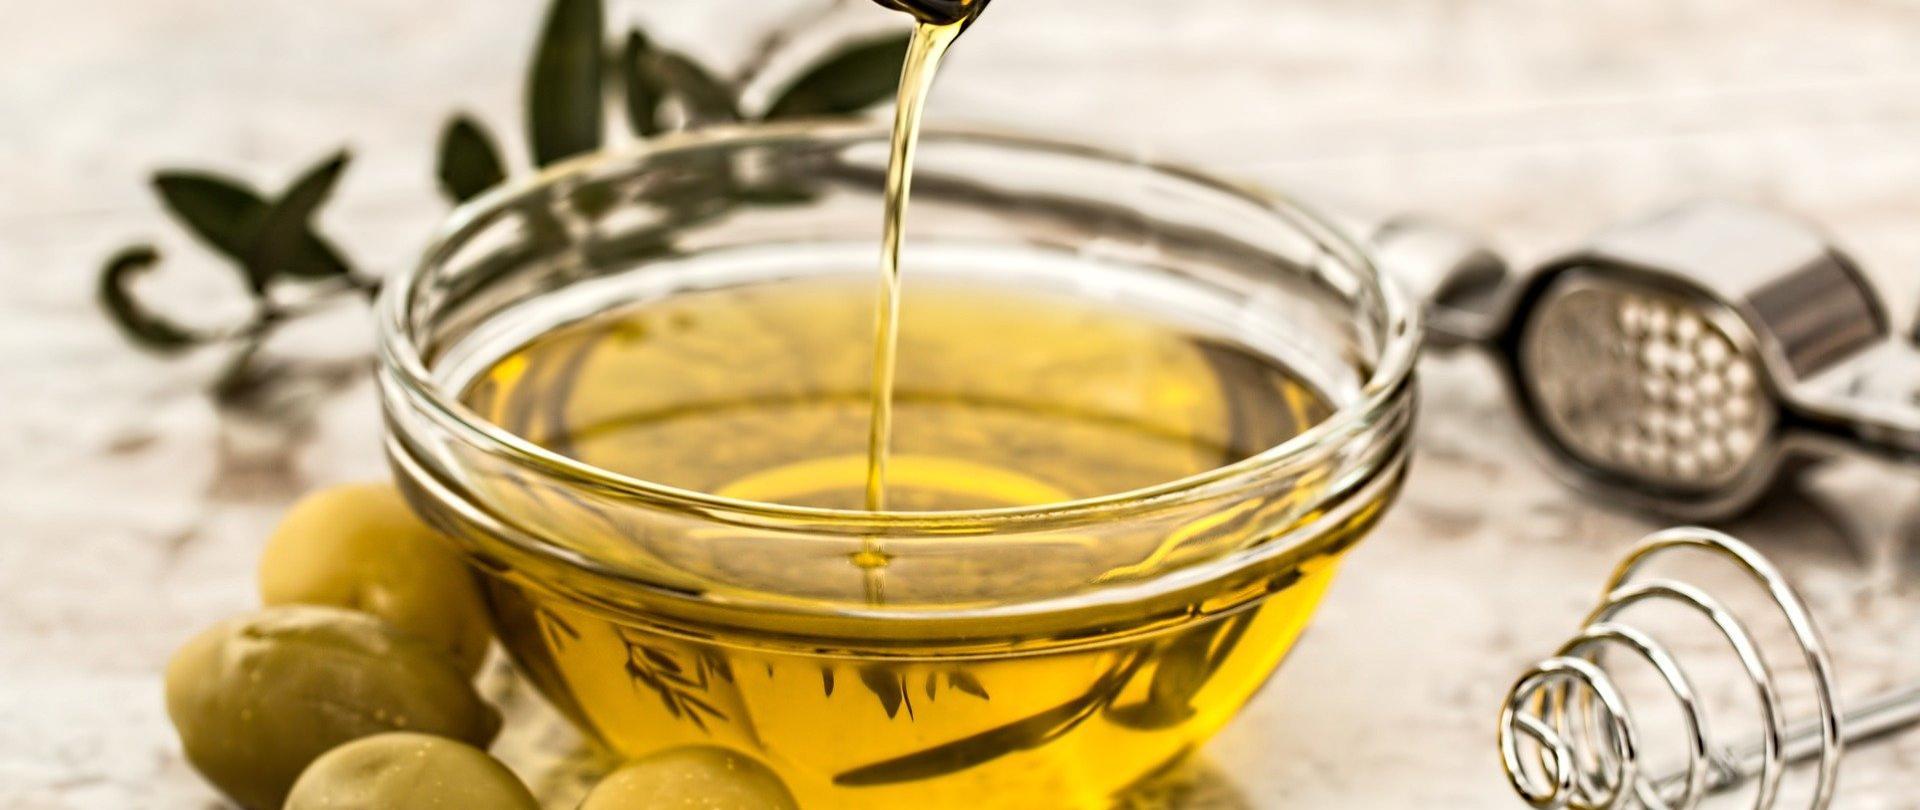 Na zdjęciu znajduje się miska z oliwą z oliwek i gałązką rozmarynu. Obok miski leżą cztery oliwki, wyciskacz do czosnku.